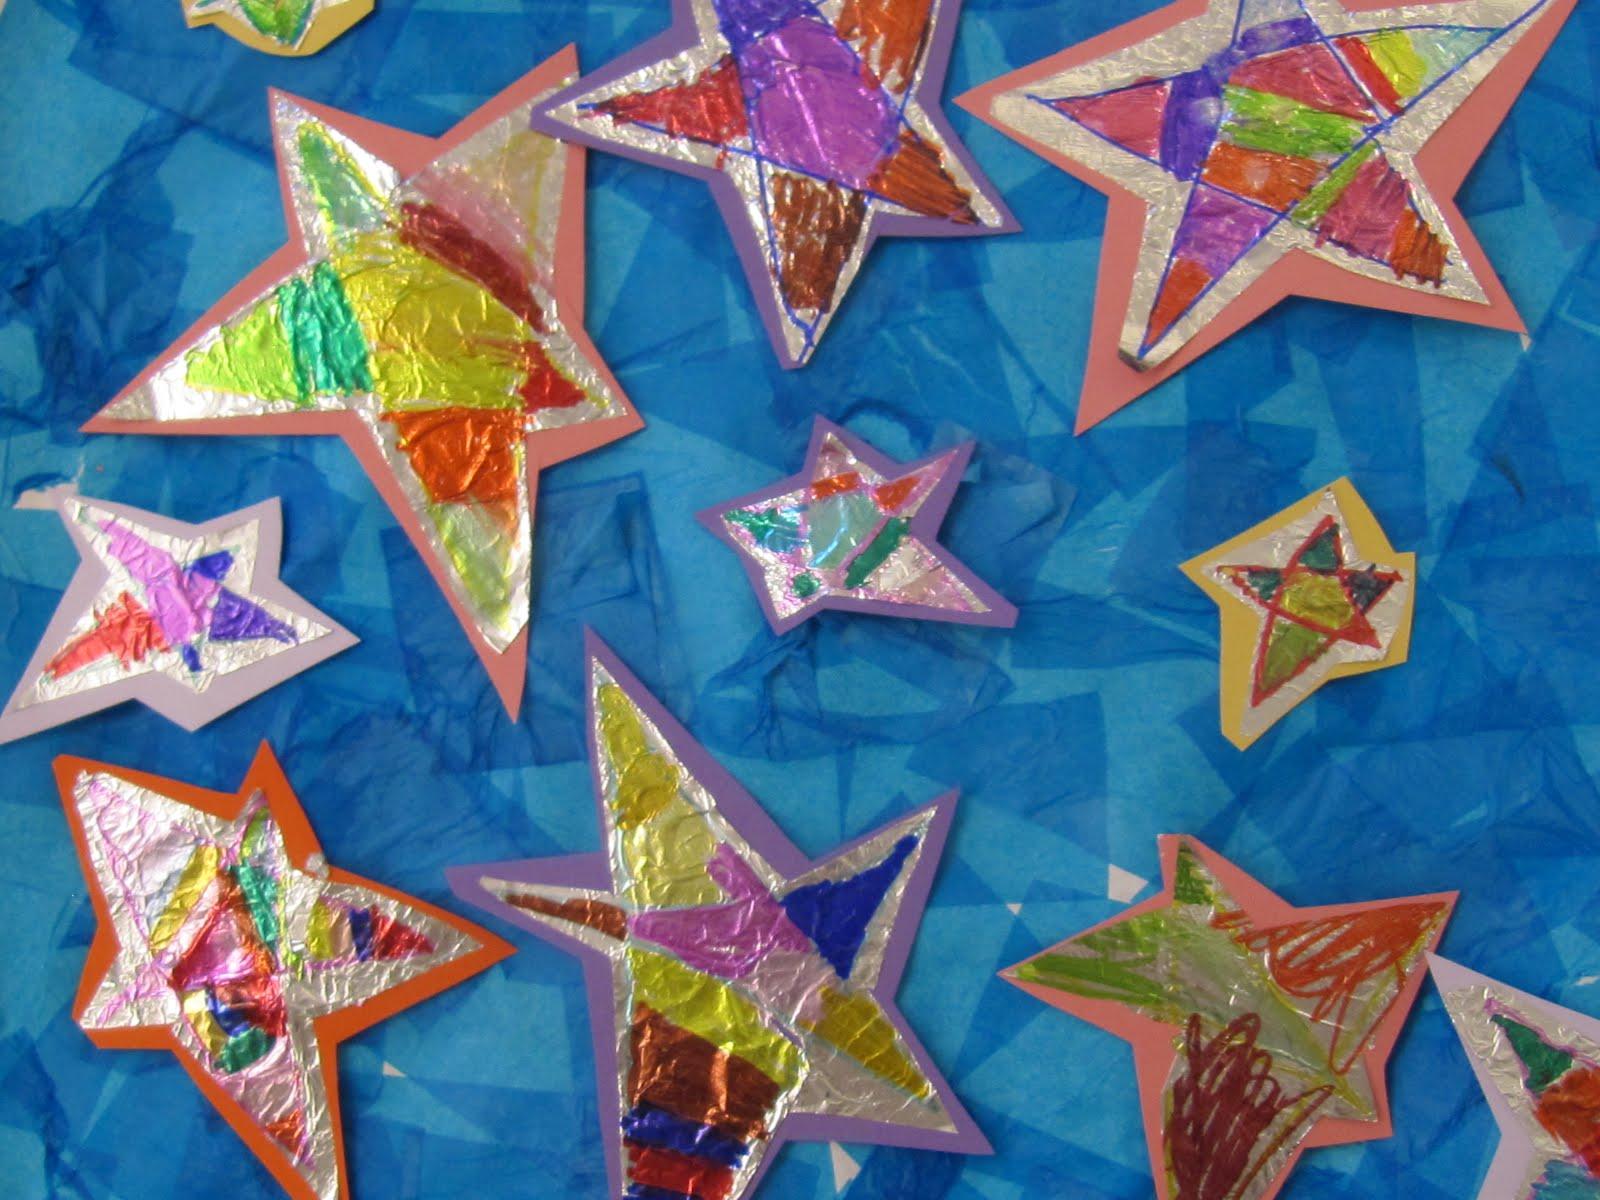 Tot School: Space - Mrs. Plemons' Kindergarten |Star Art Projects For Preschoolers